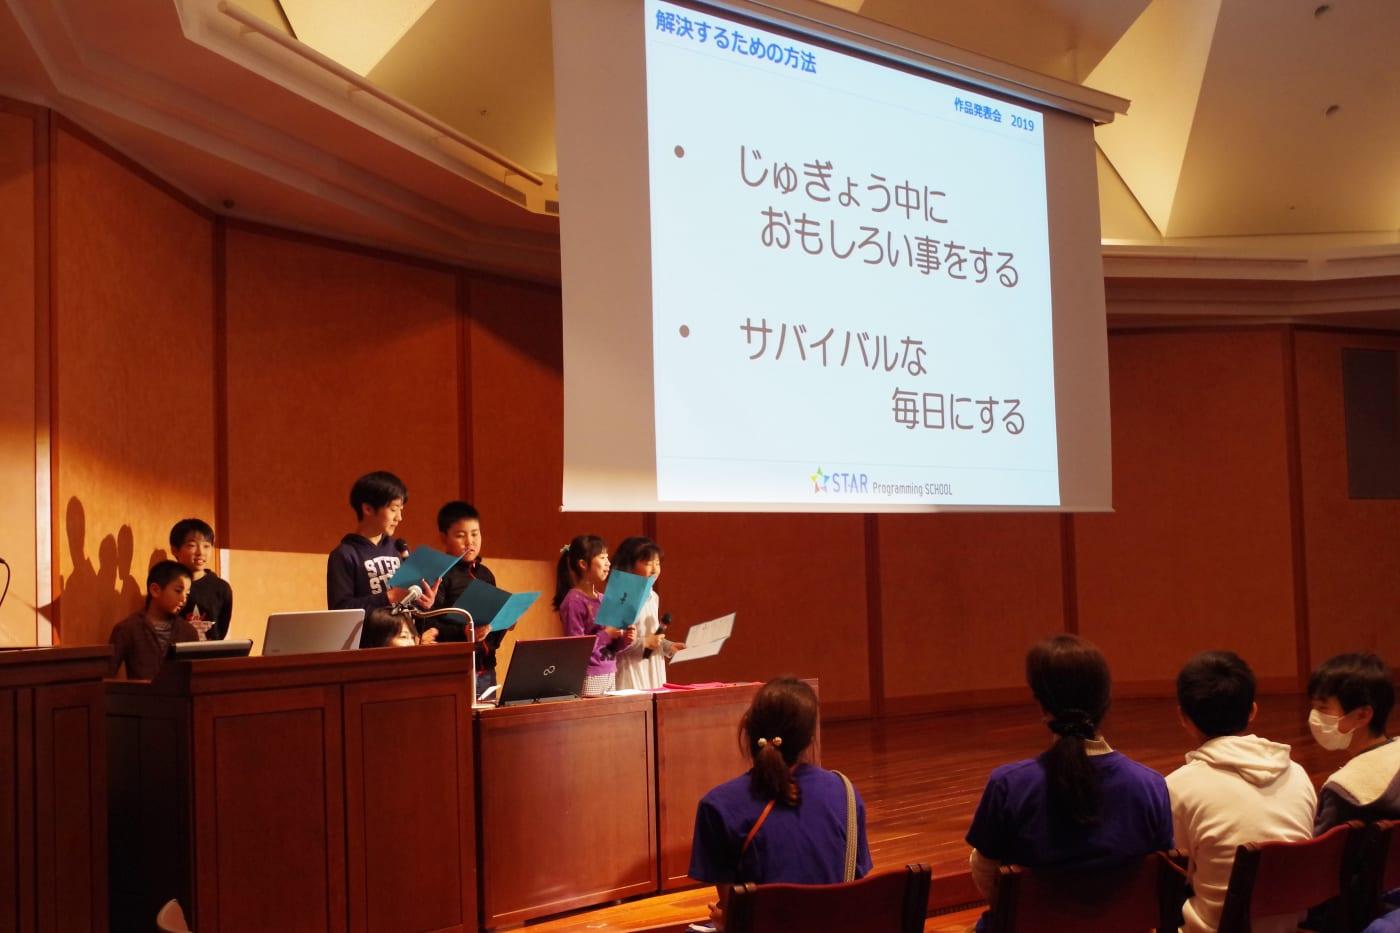 錦糸町教室のプレゼンの様子